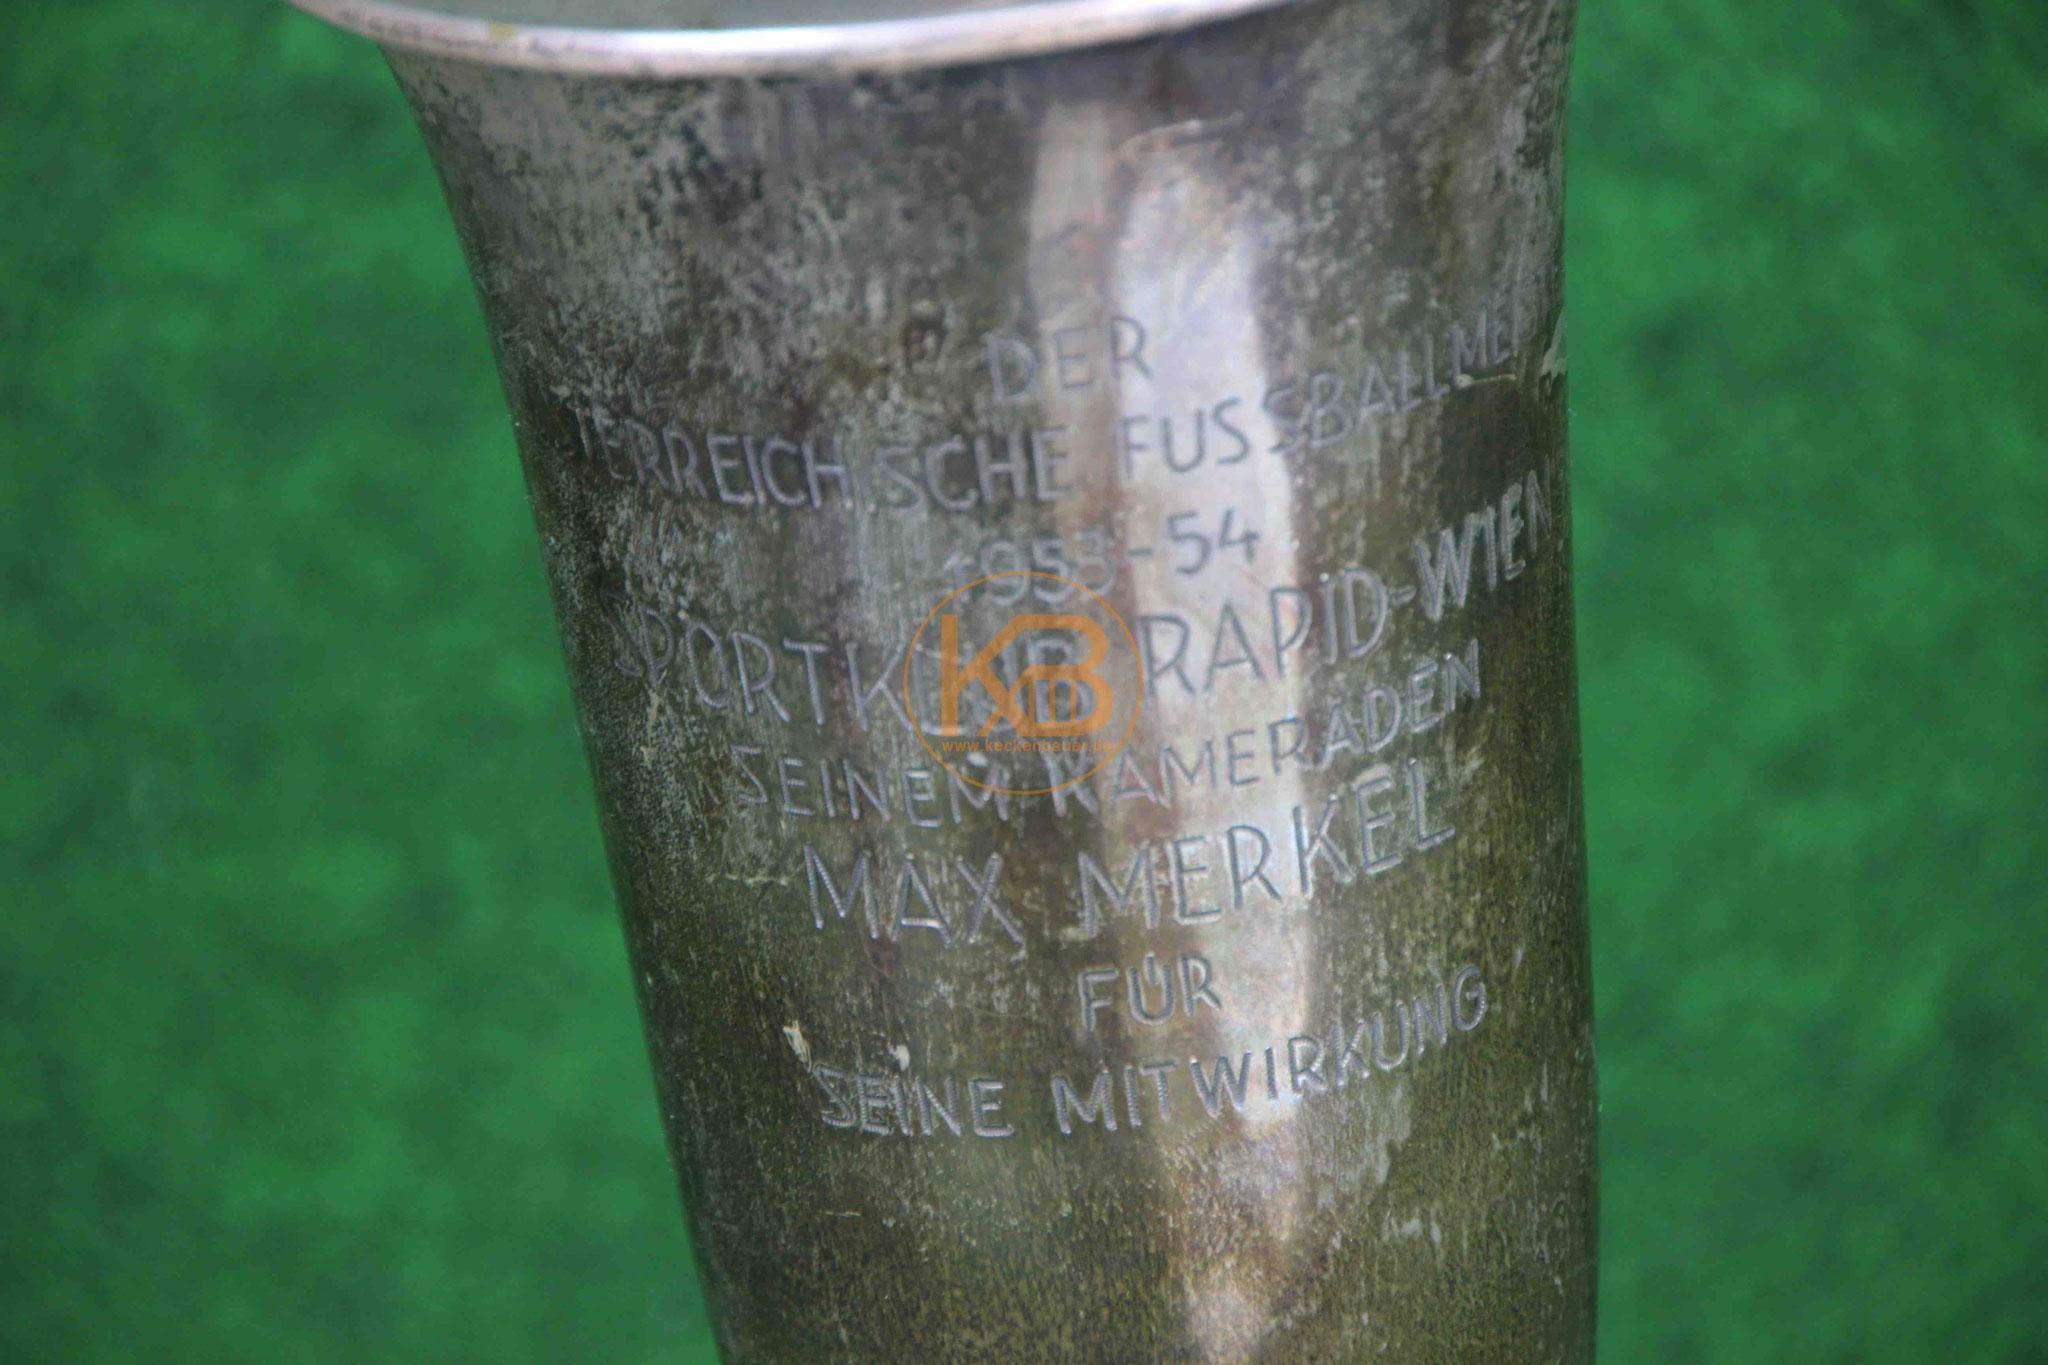 Ein Pokal, den Max Merkel für seine Verdienste bei der Meisterschaft mit Rapid Wien 1953/54 erhalten hat. 2/2